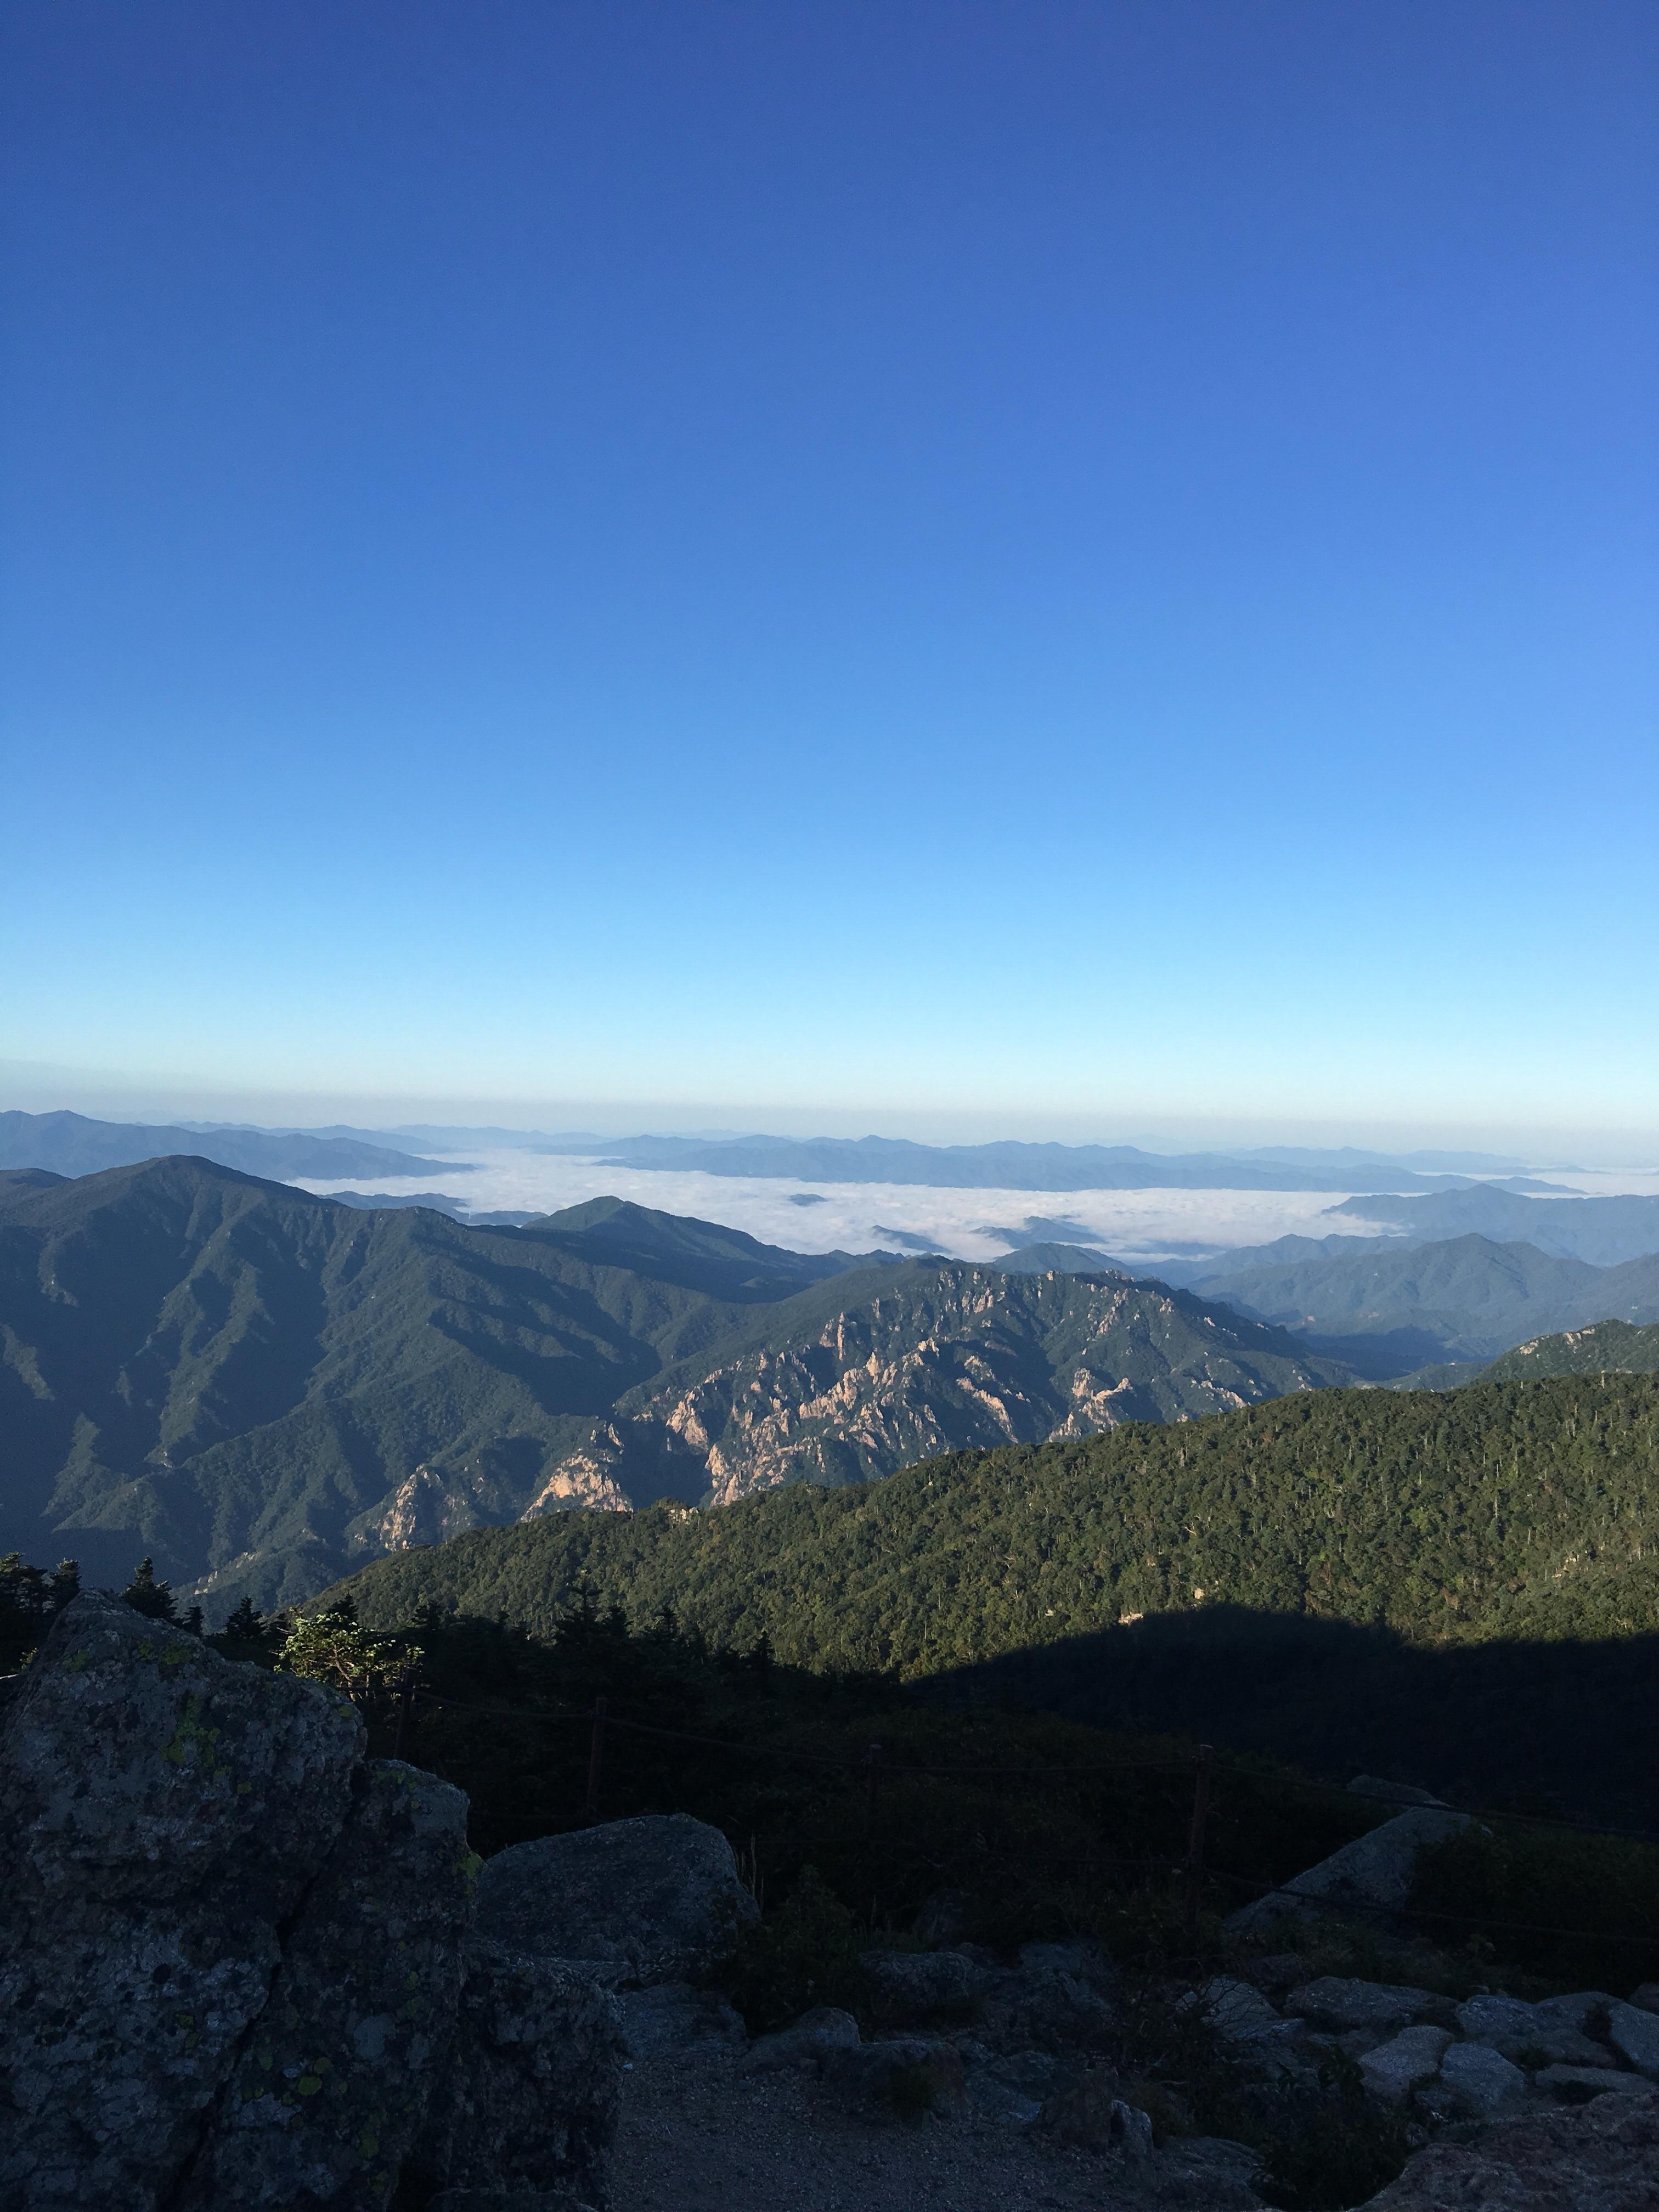 설악산 대청봉 풍경